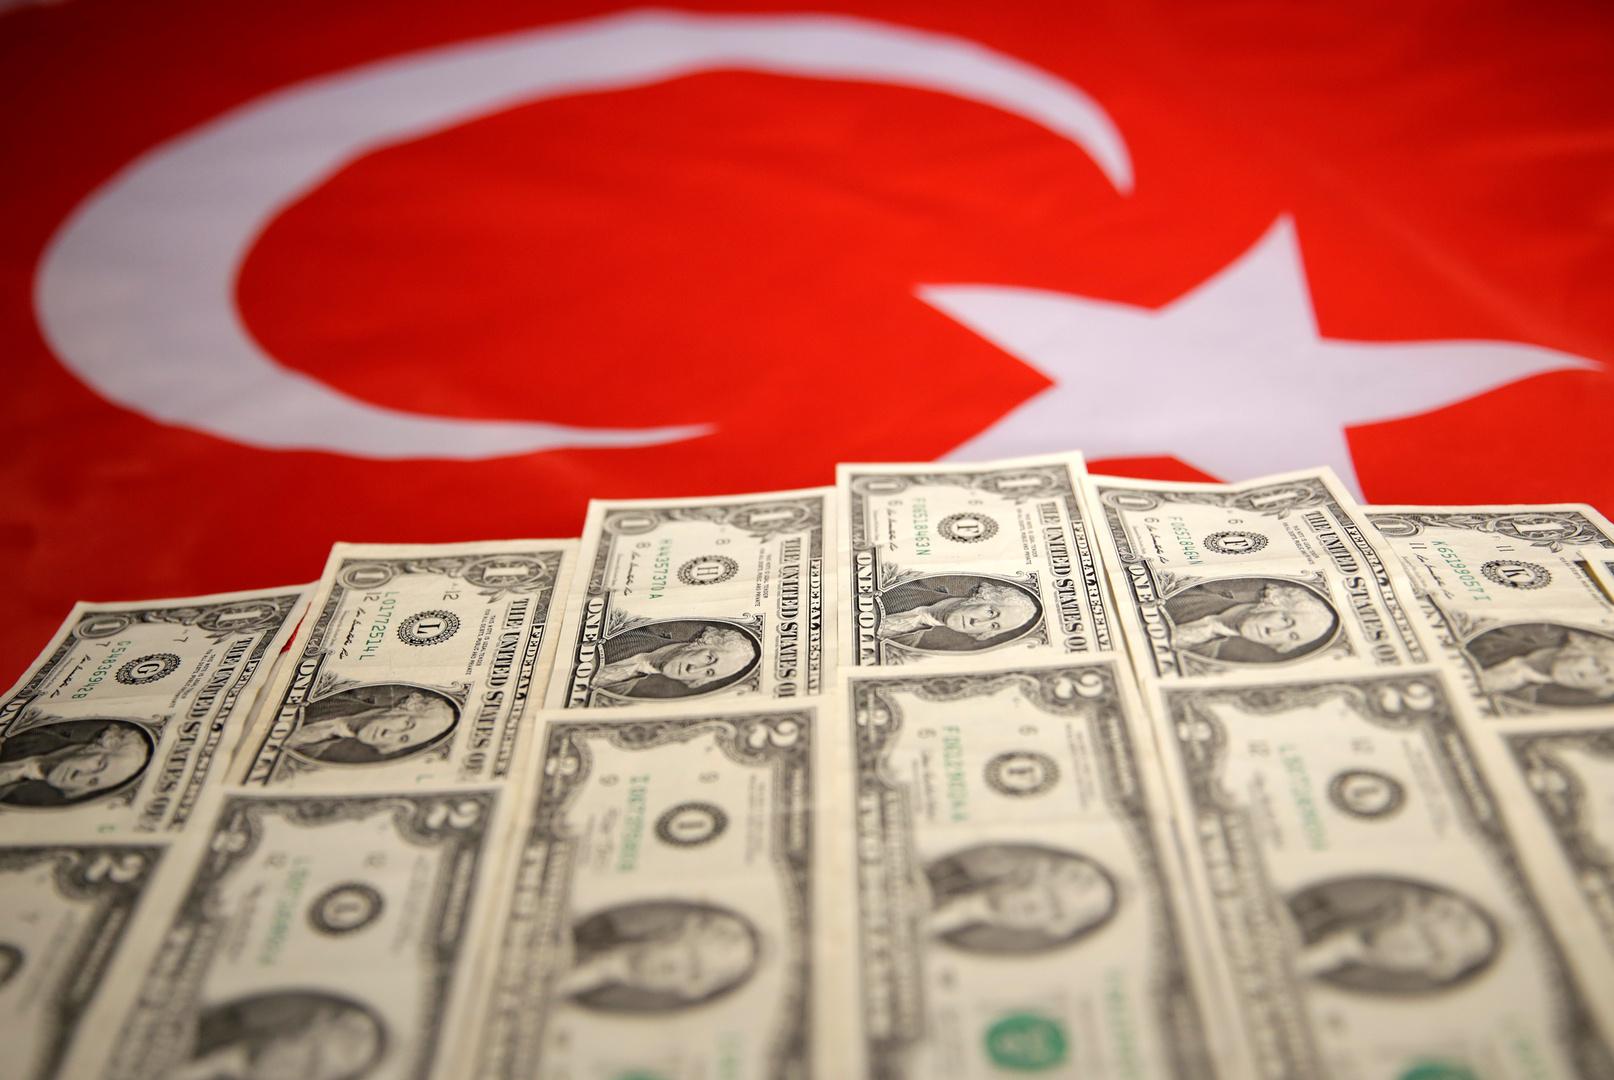 المركزي التركي يكشف حجم ديون البلاد الخارجية